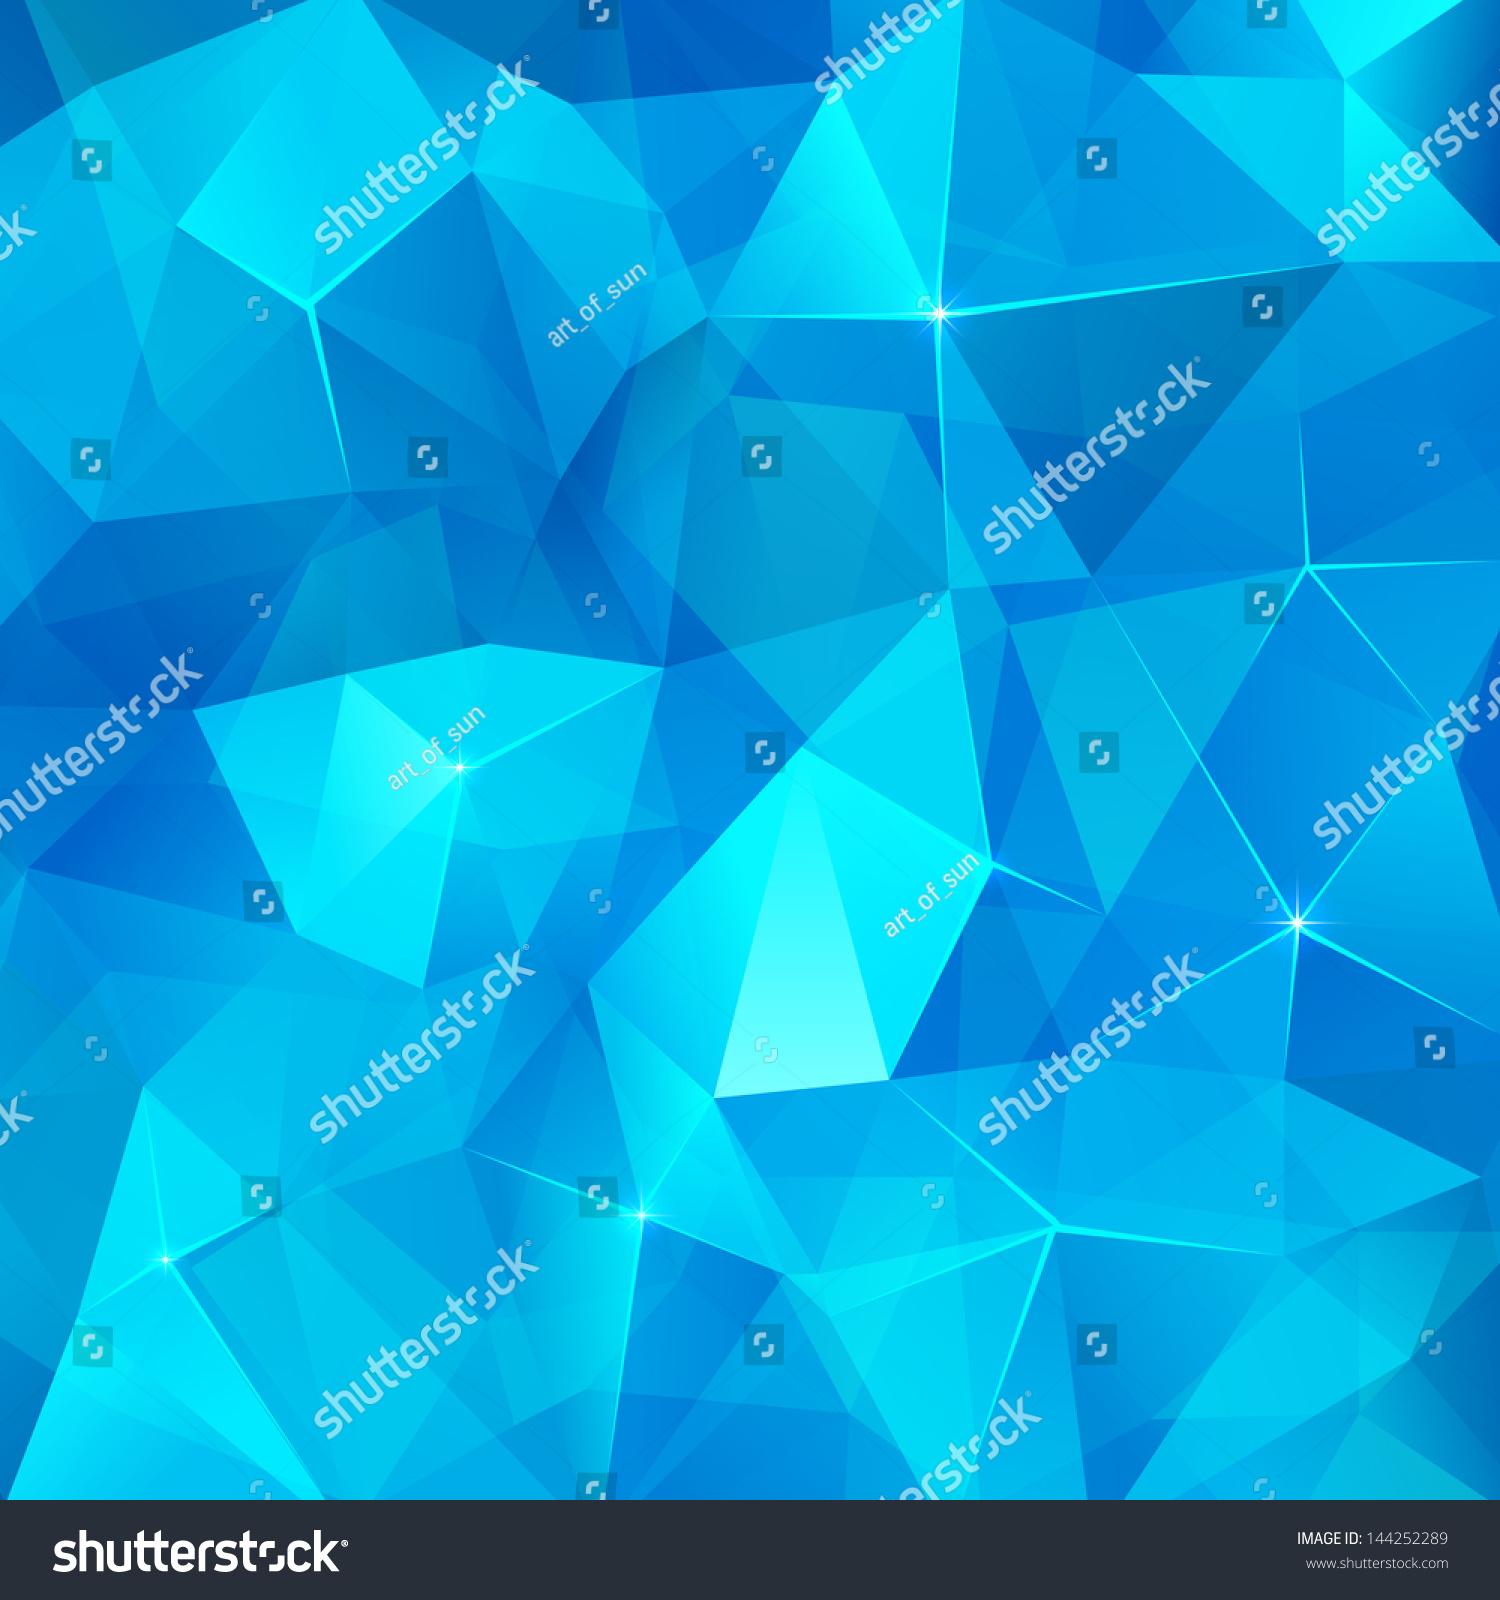 冰块蓝色抽象几何矢量的背景-背景/素材